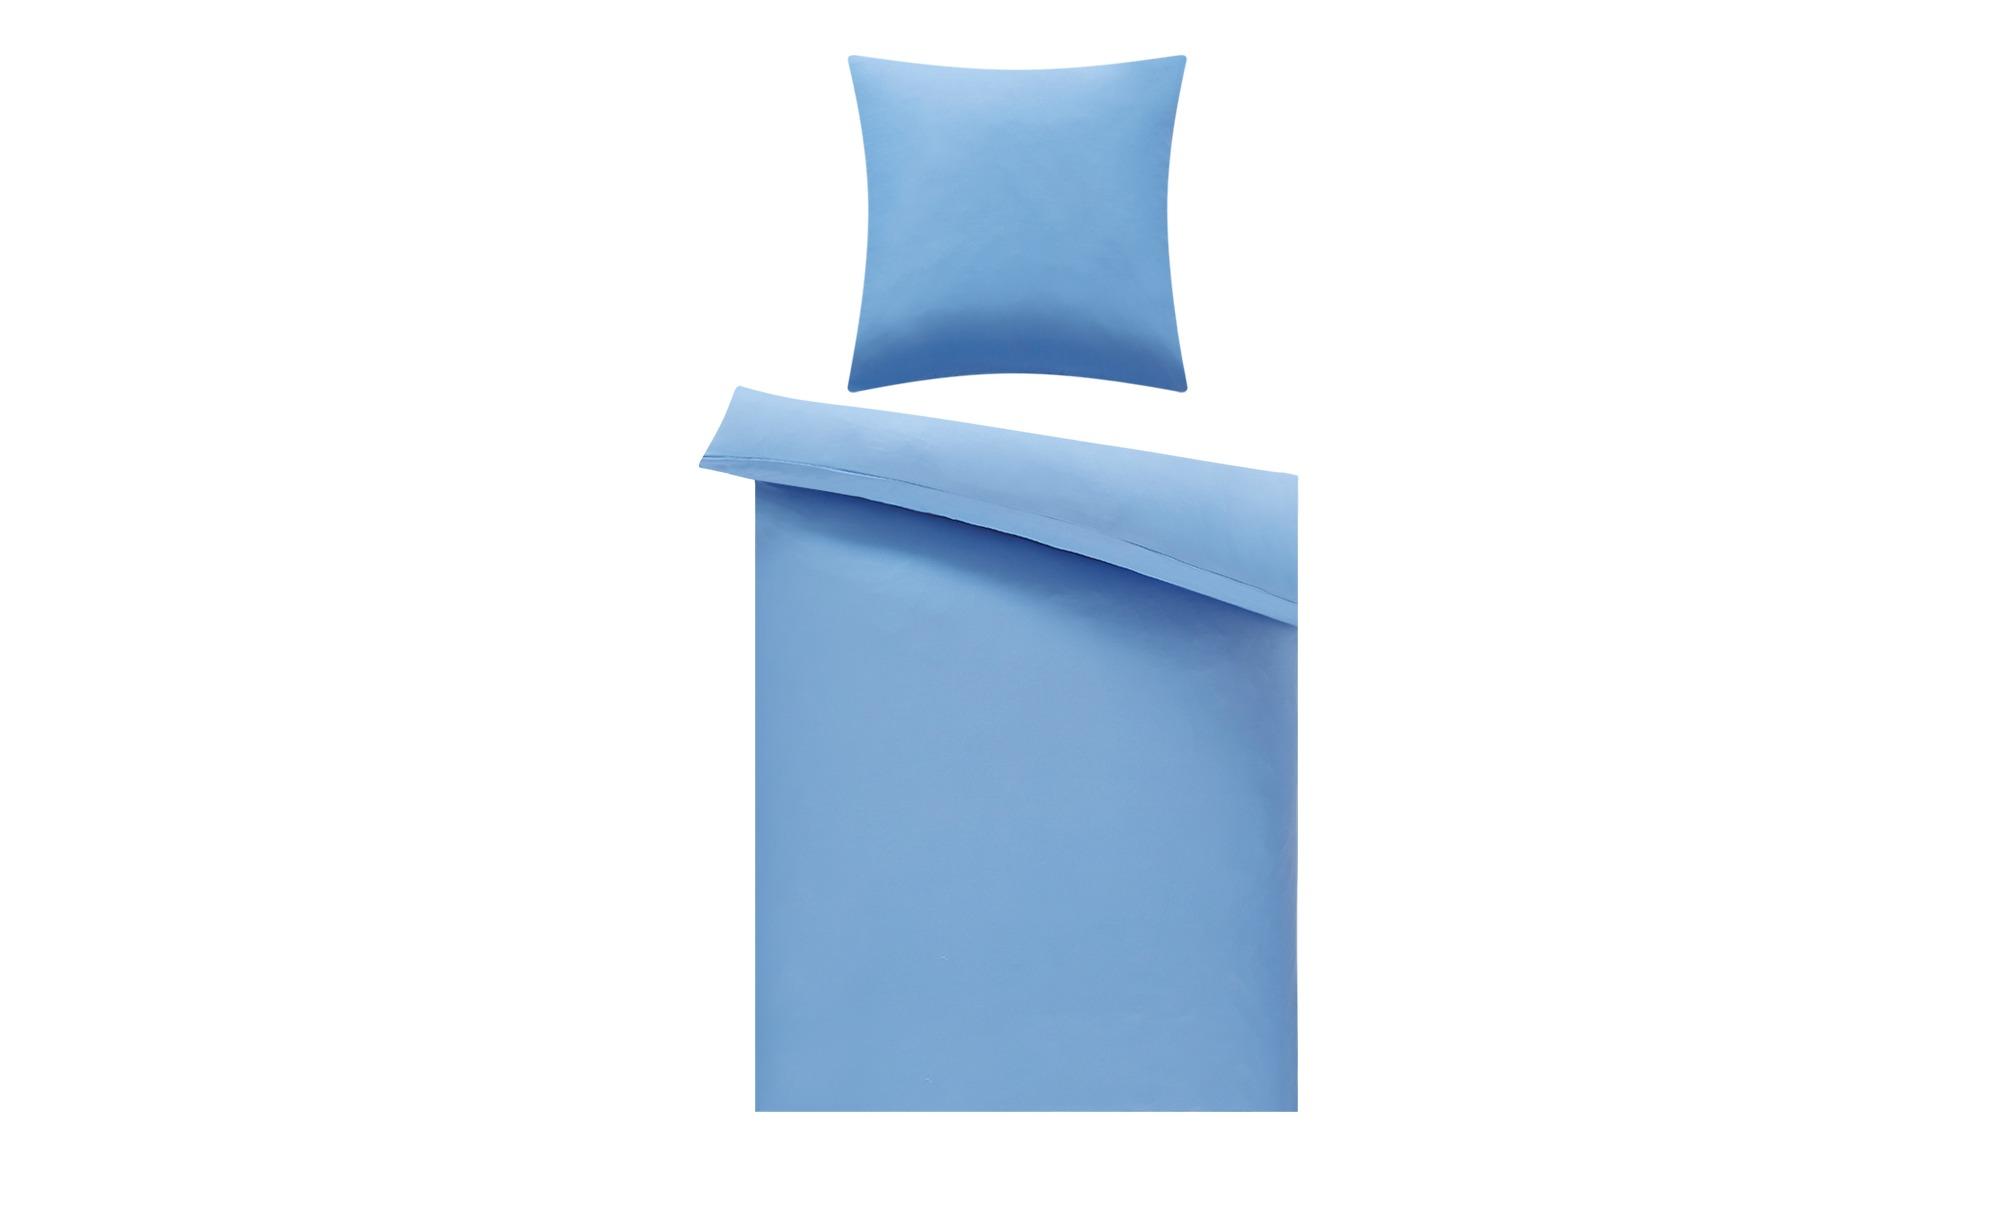 levelone Microfaser Bettwäsche  Uni ¦ blau ¦ 100% Polyester   ¦ Maße (cm): B: 135 H: 200 Bettwaren > Bettwäsche-Sets > weitere Bettwäschesets - Höffner